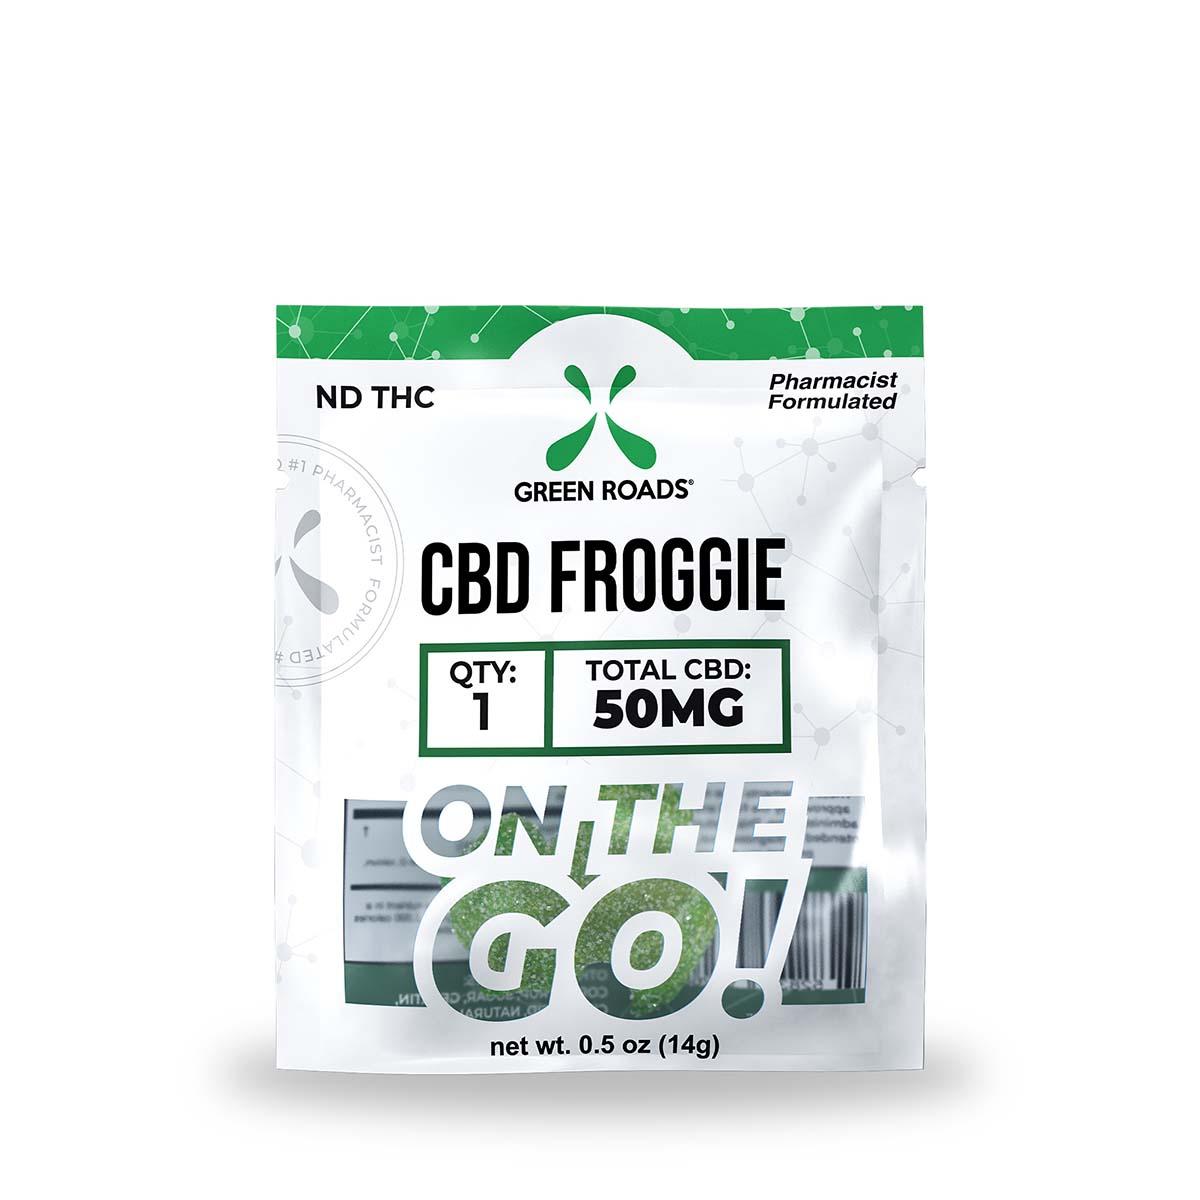 Green Roads CBD Froggie - 50mg (50mg CBD per froggie) - 0,5oz